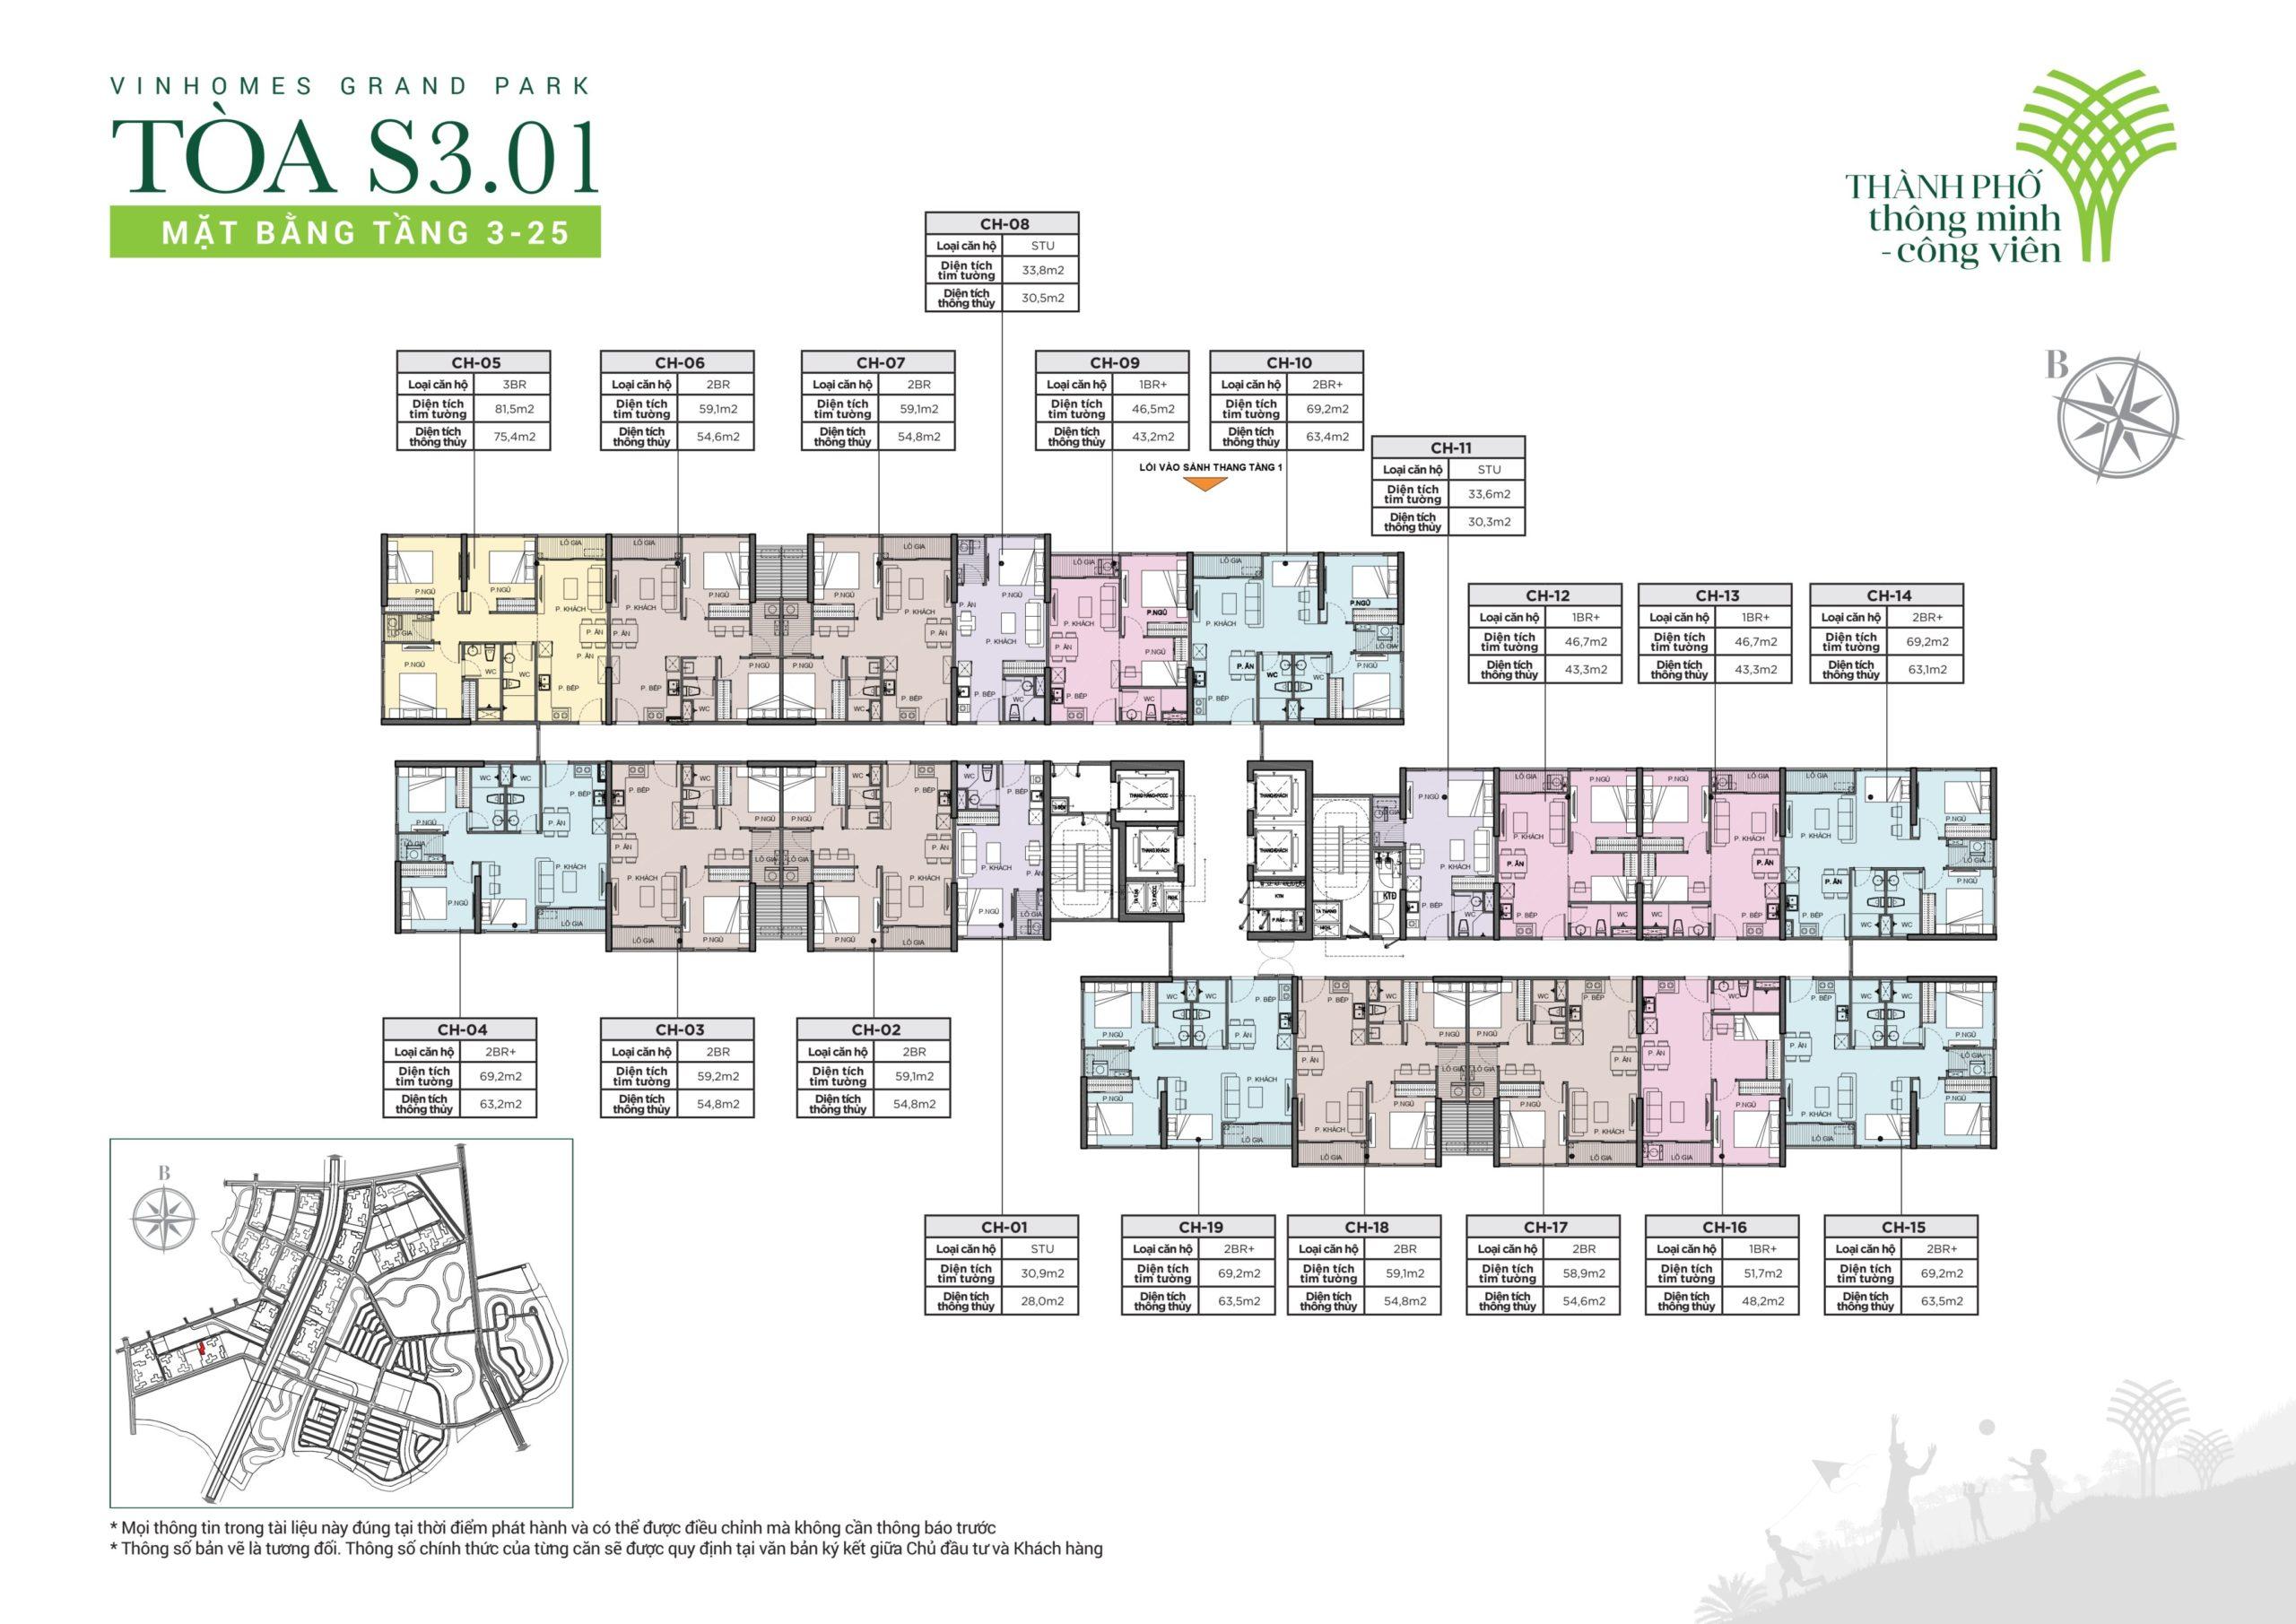 Mặt bằng căn hộ tòa S301 Vinhomes Grand Park